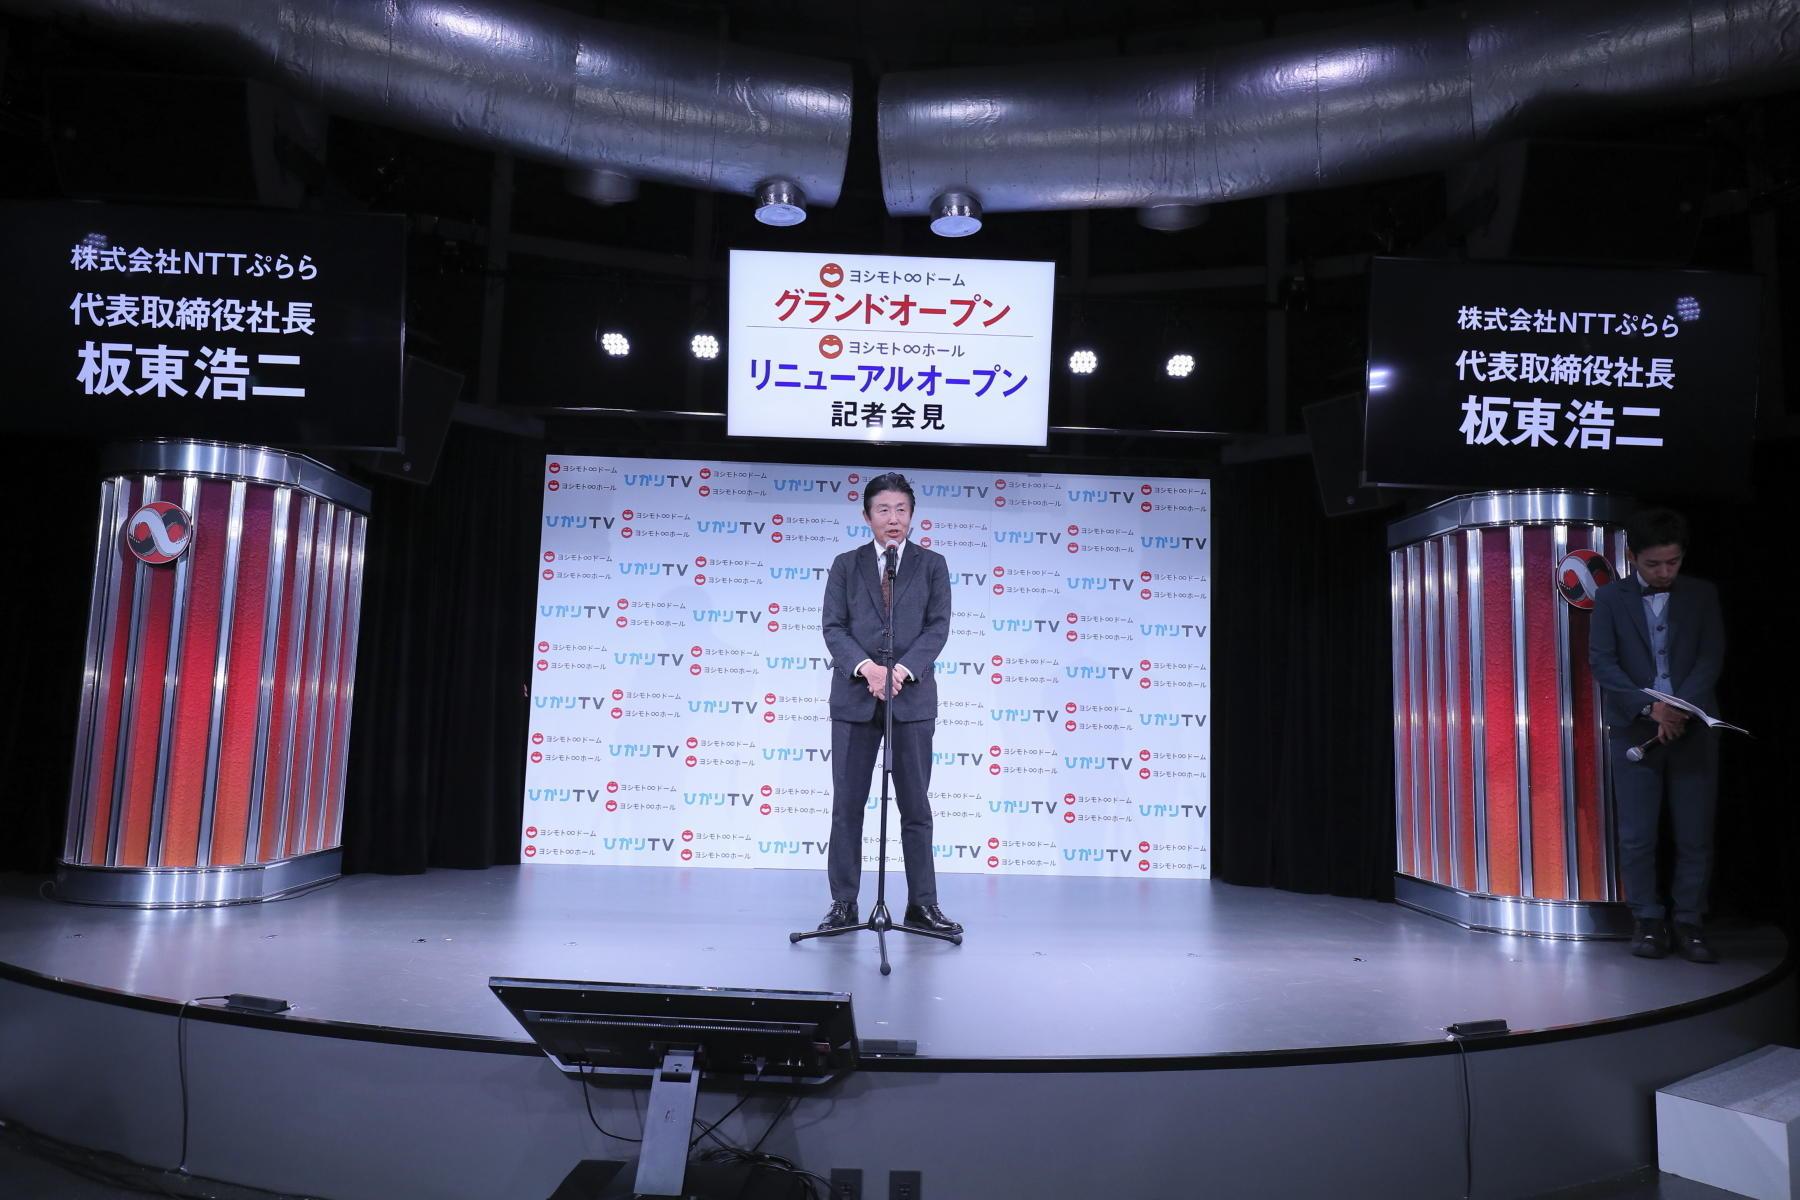 http://news.yoshimoto.co.jp/20181110145436-298803362ec2dbcd6af44ab005812844303c2382.jpg